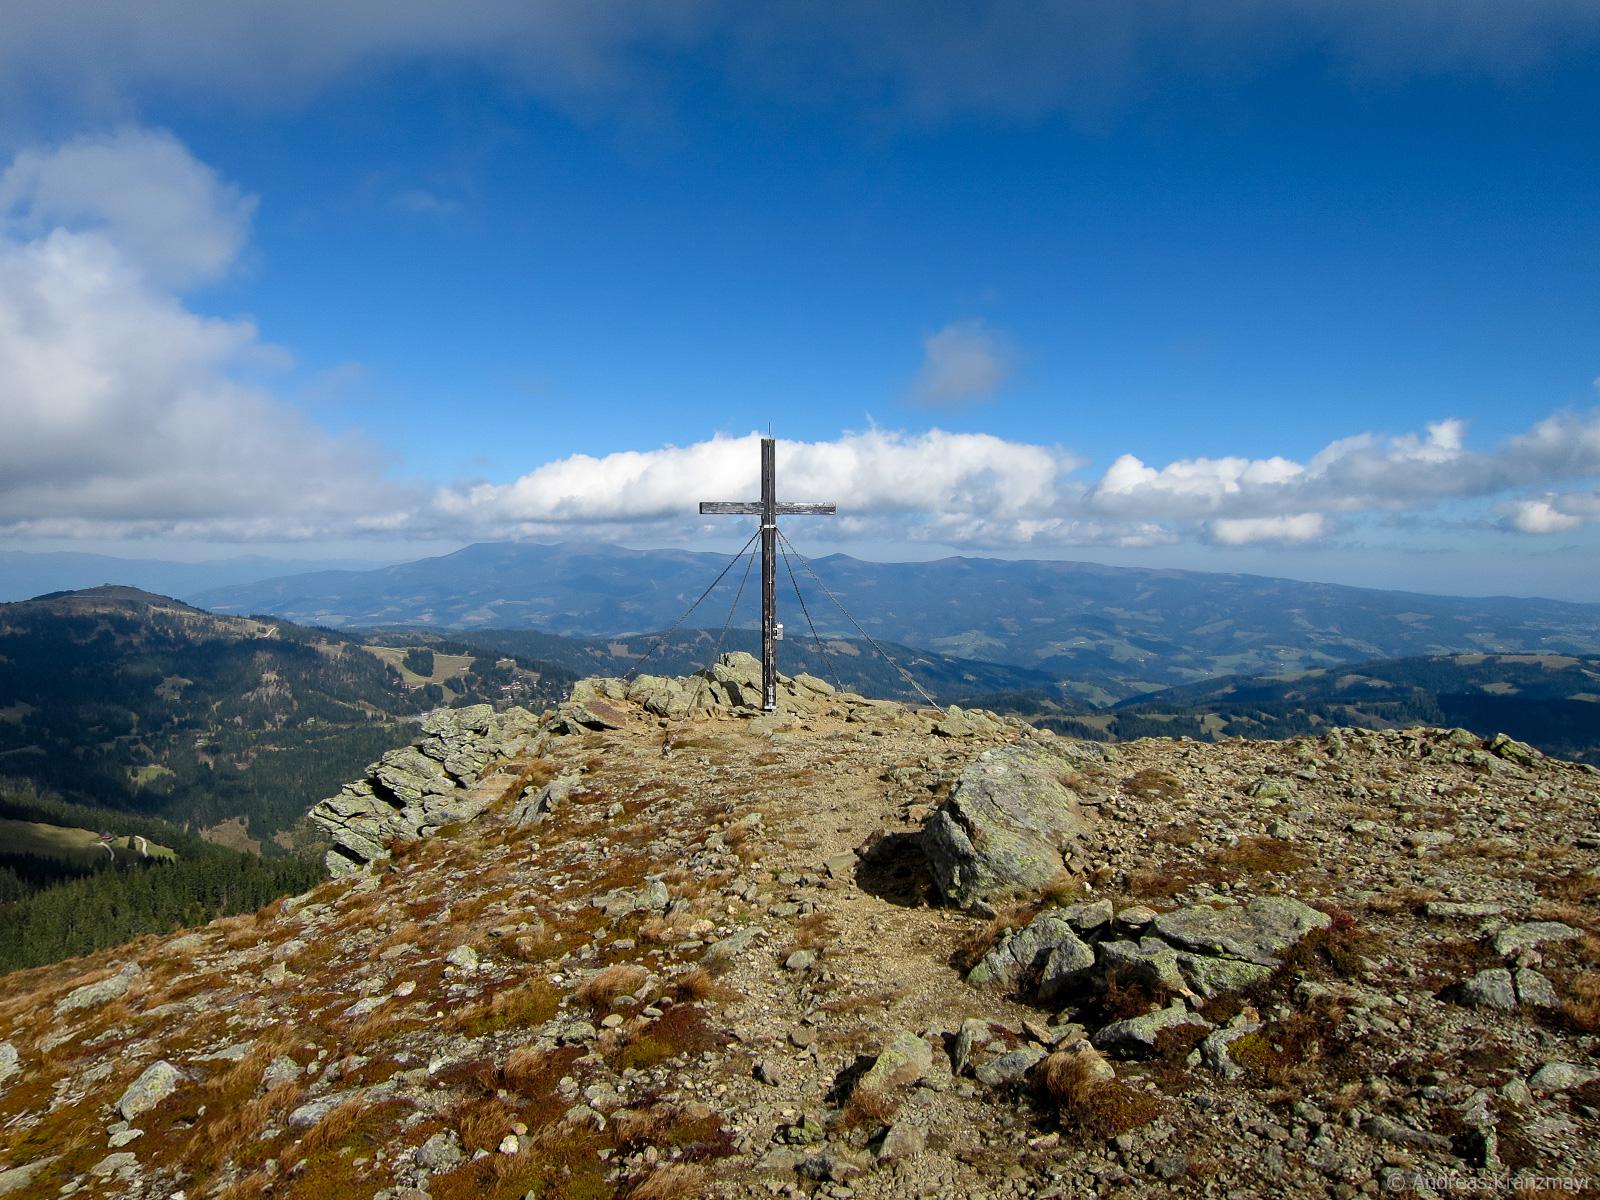 Am Anfang der Etappe 15 erreicht man den Gipfel der Saualpe - den Ladinger Spitz